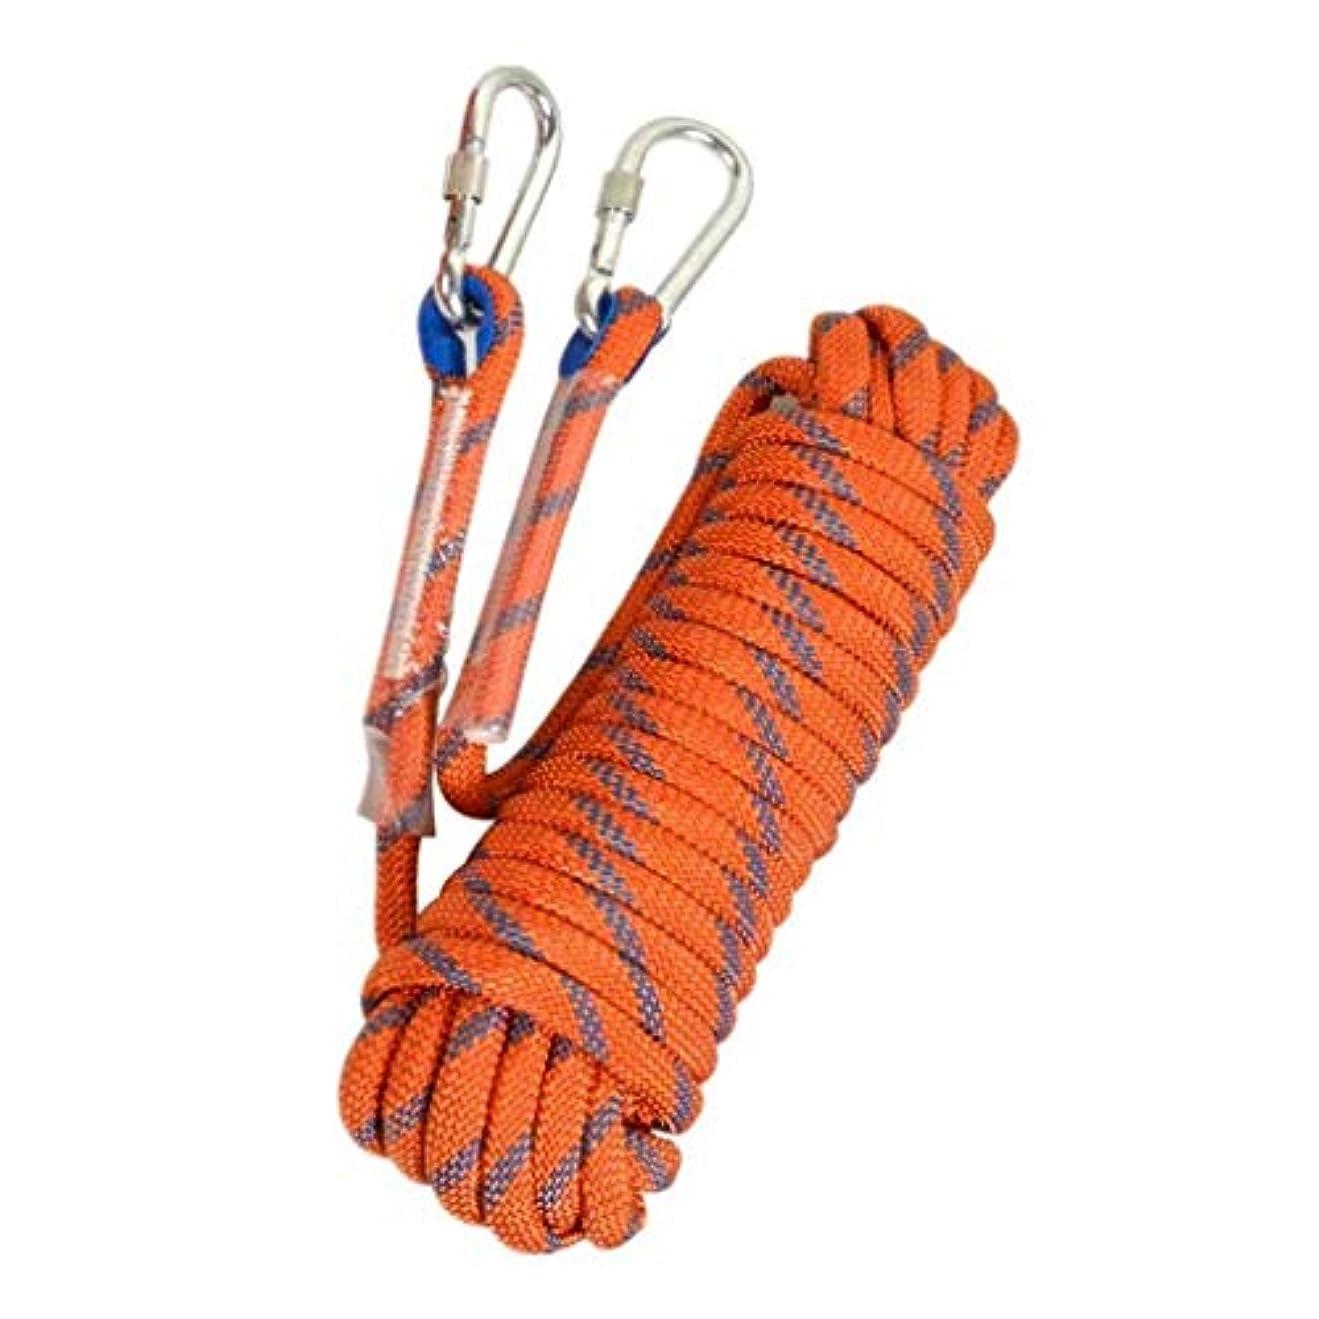 スーツケースびっくりするフィルタロッククライミングロープメーター、屋外火災エスケープ救助パラシュート静的屋内ロープ、ヘビーデューティロープ、安全耐久性のある高品質